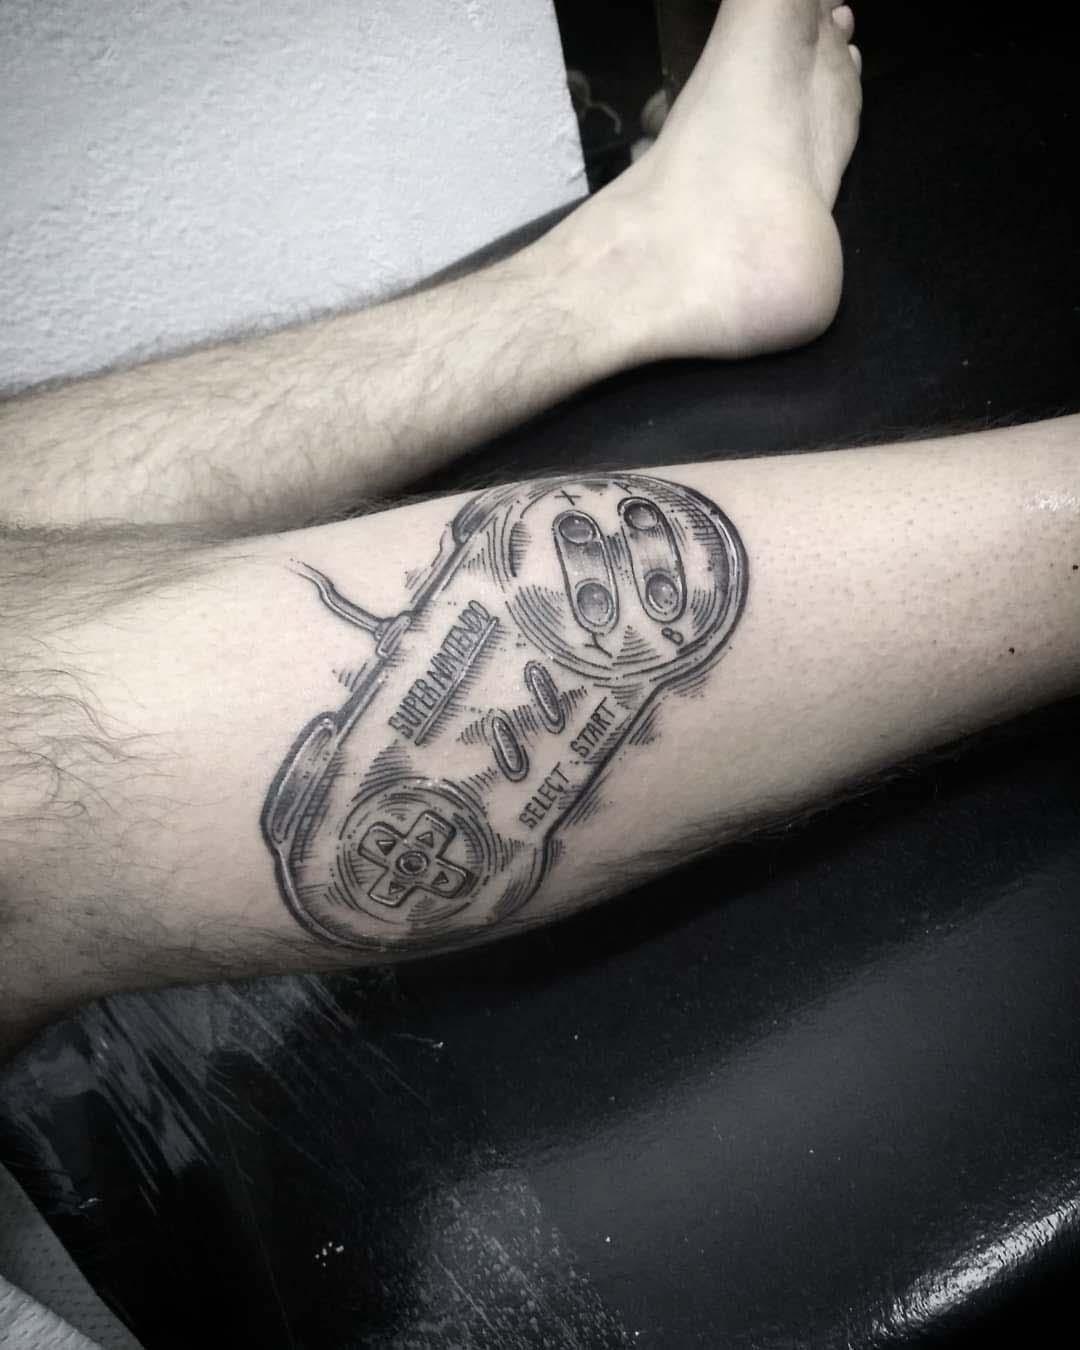 gamer tattoo gamepad nintendo